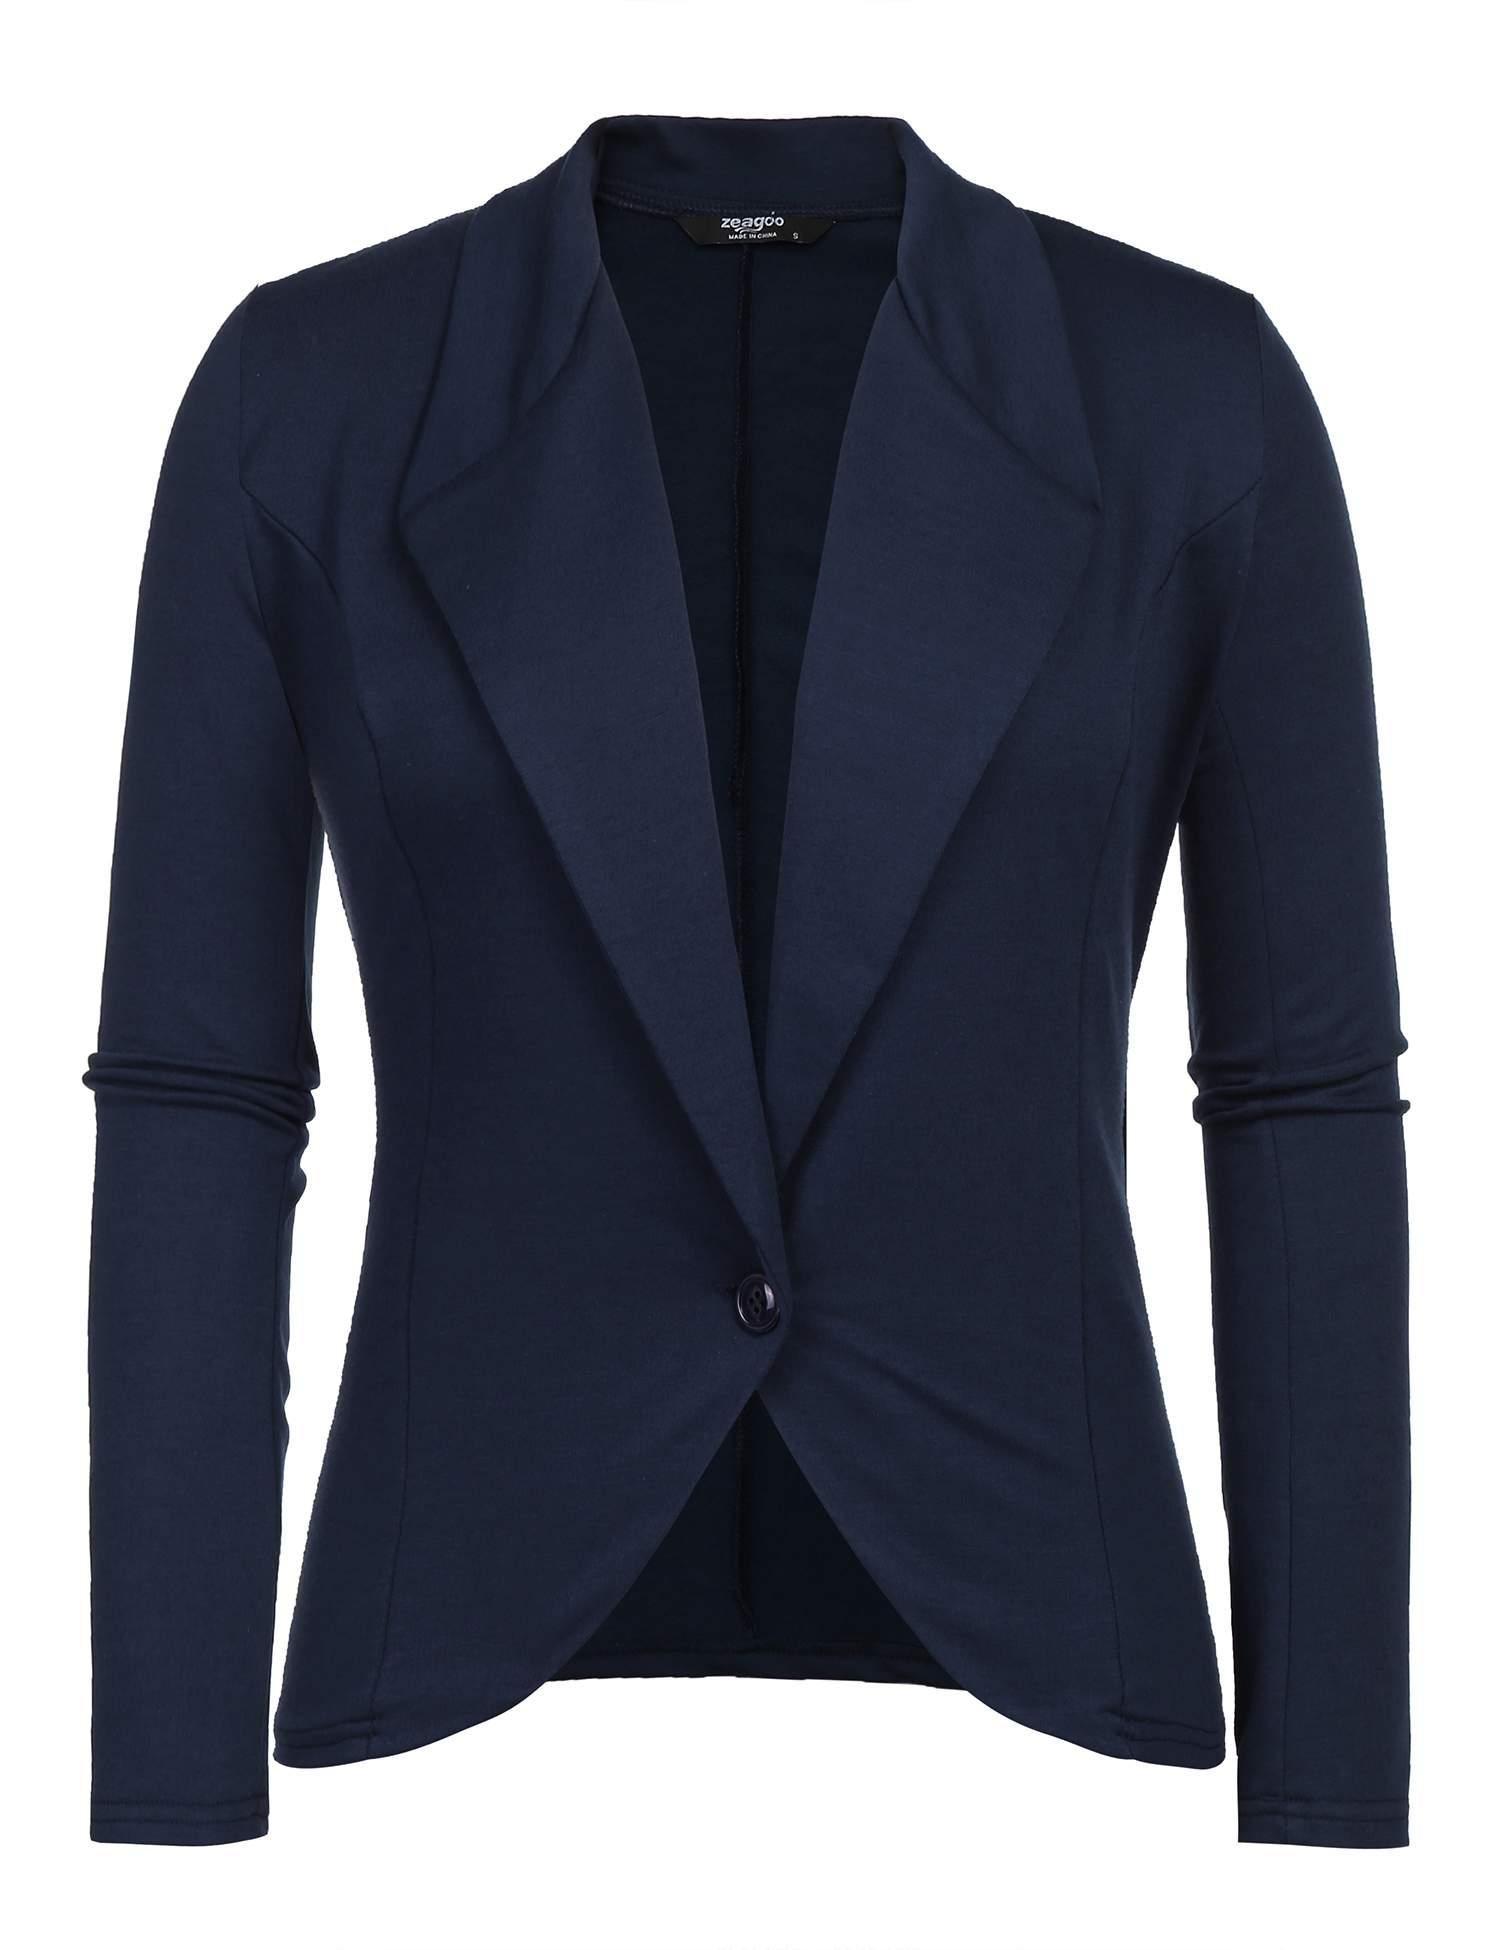 Grabsa Women Casual Open Front Draped Lapel Work Office Blazer Jacket